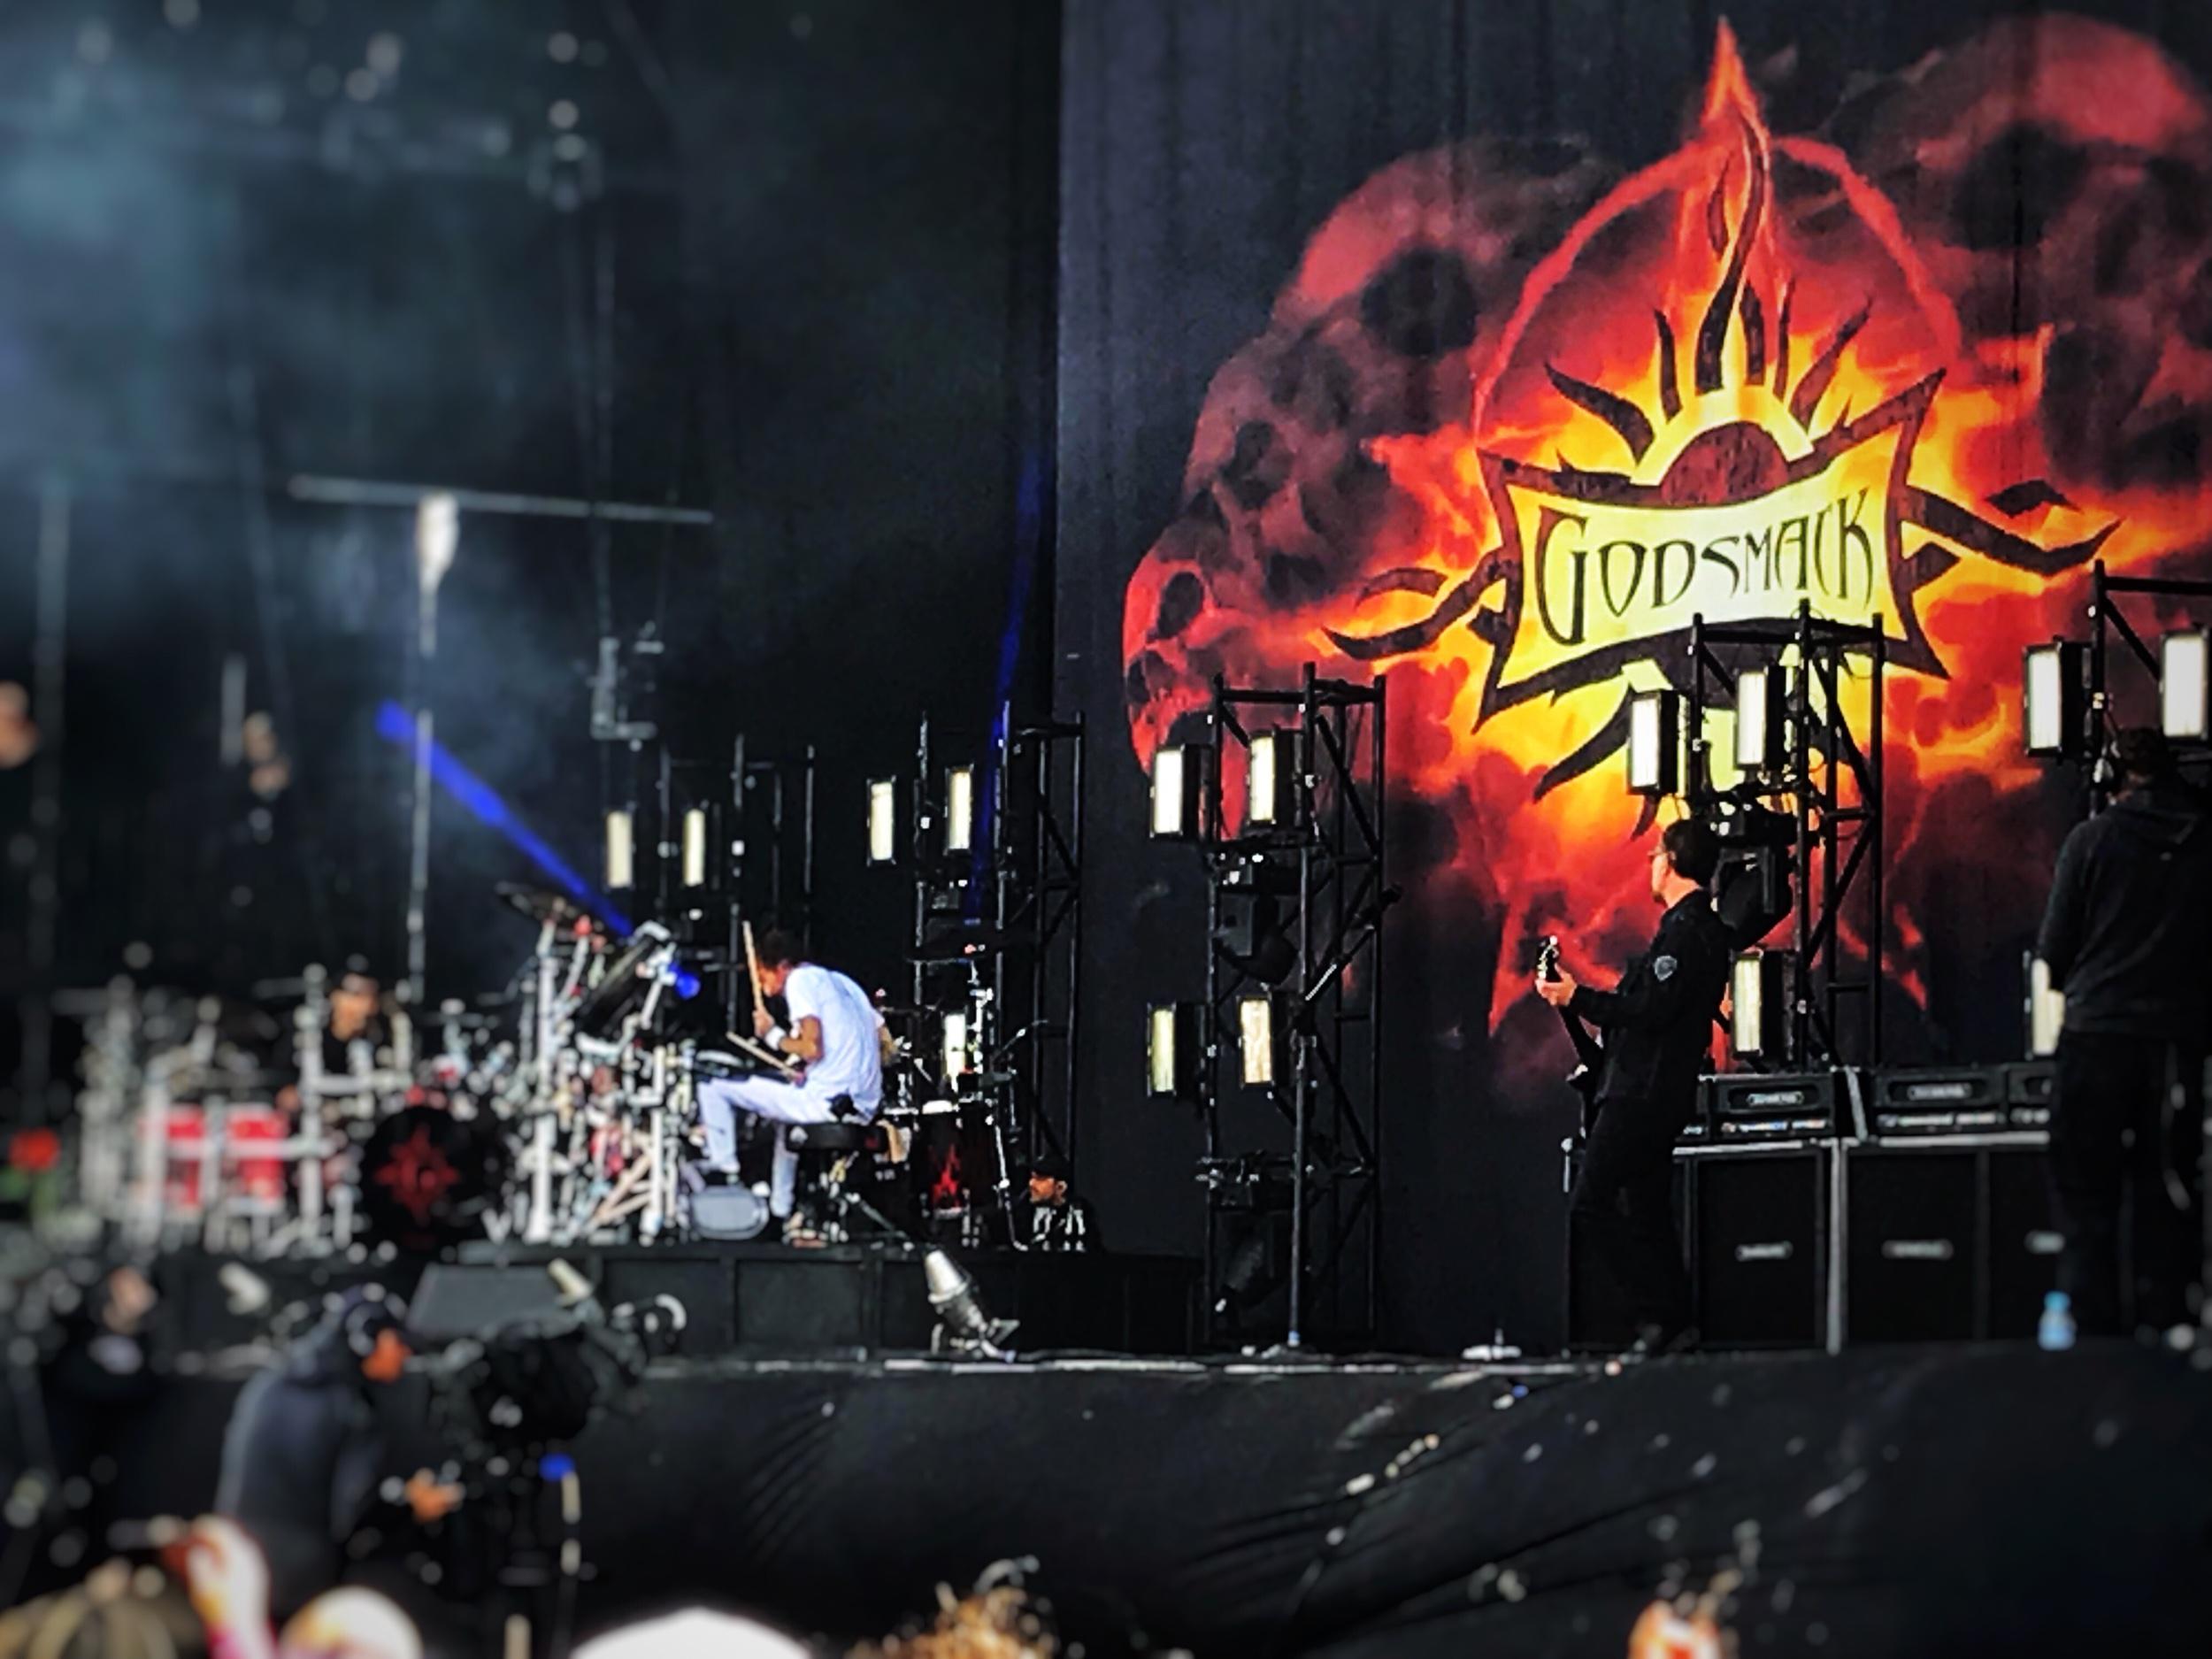 Godsmack - Battling drums …